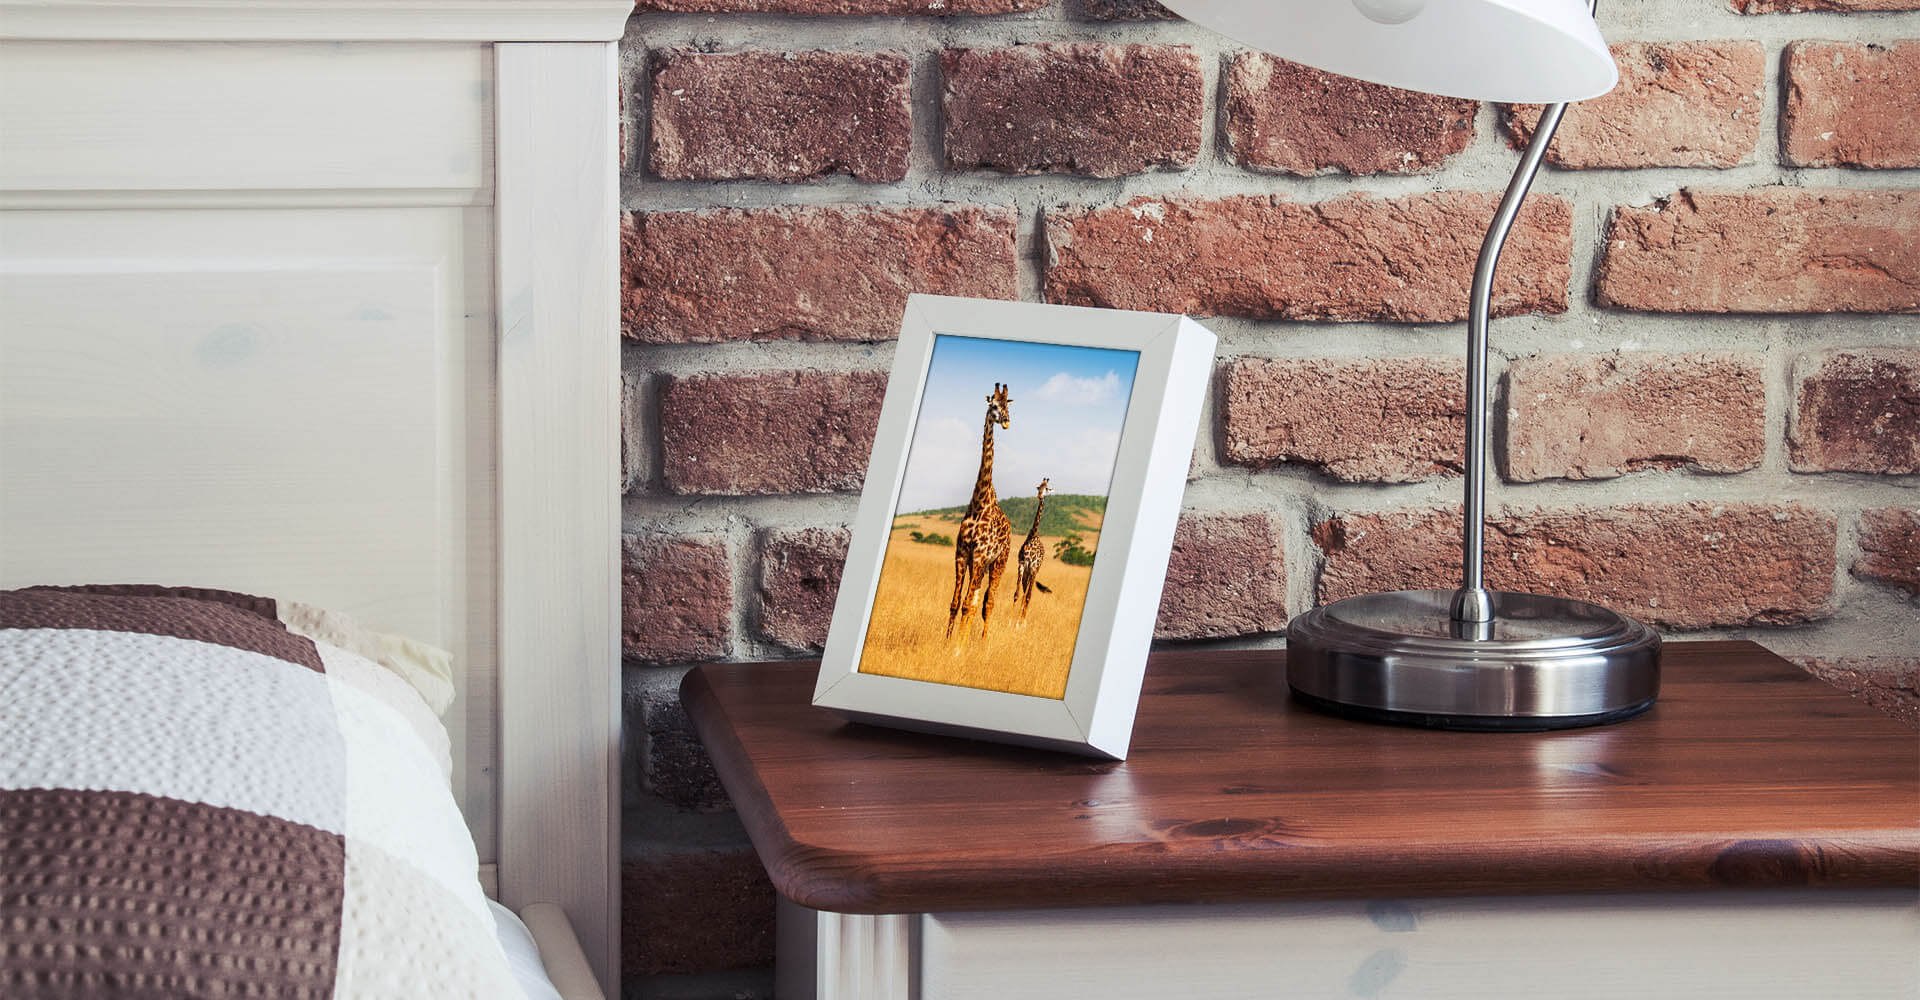 Digitaler Bilderrahmen auf Nachttisch